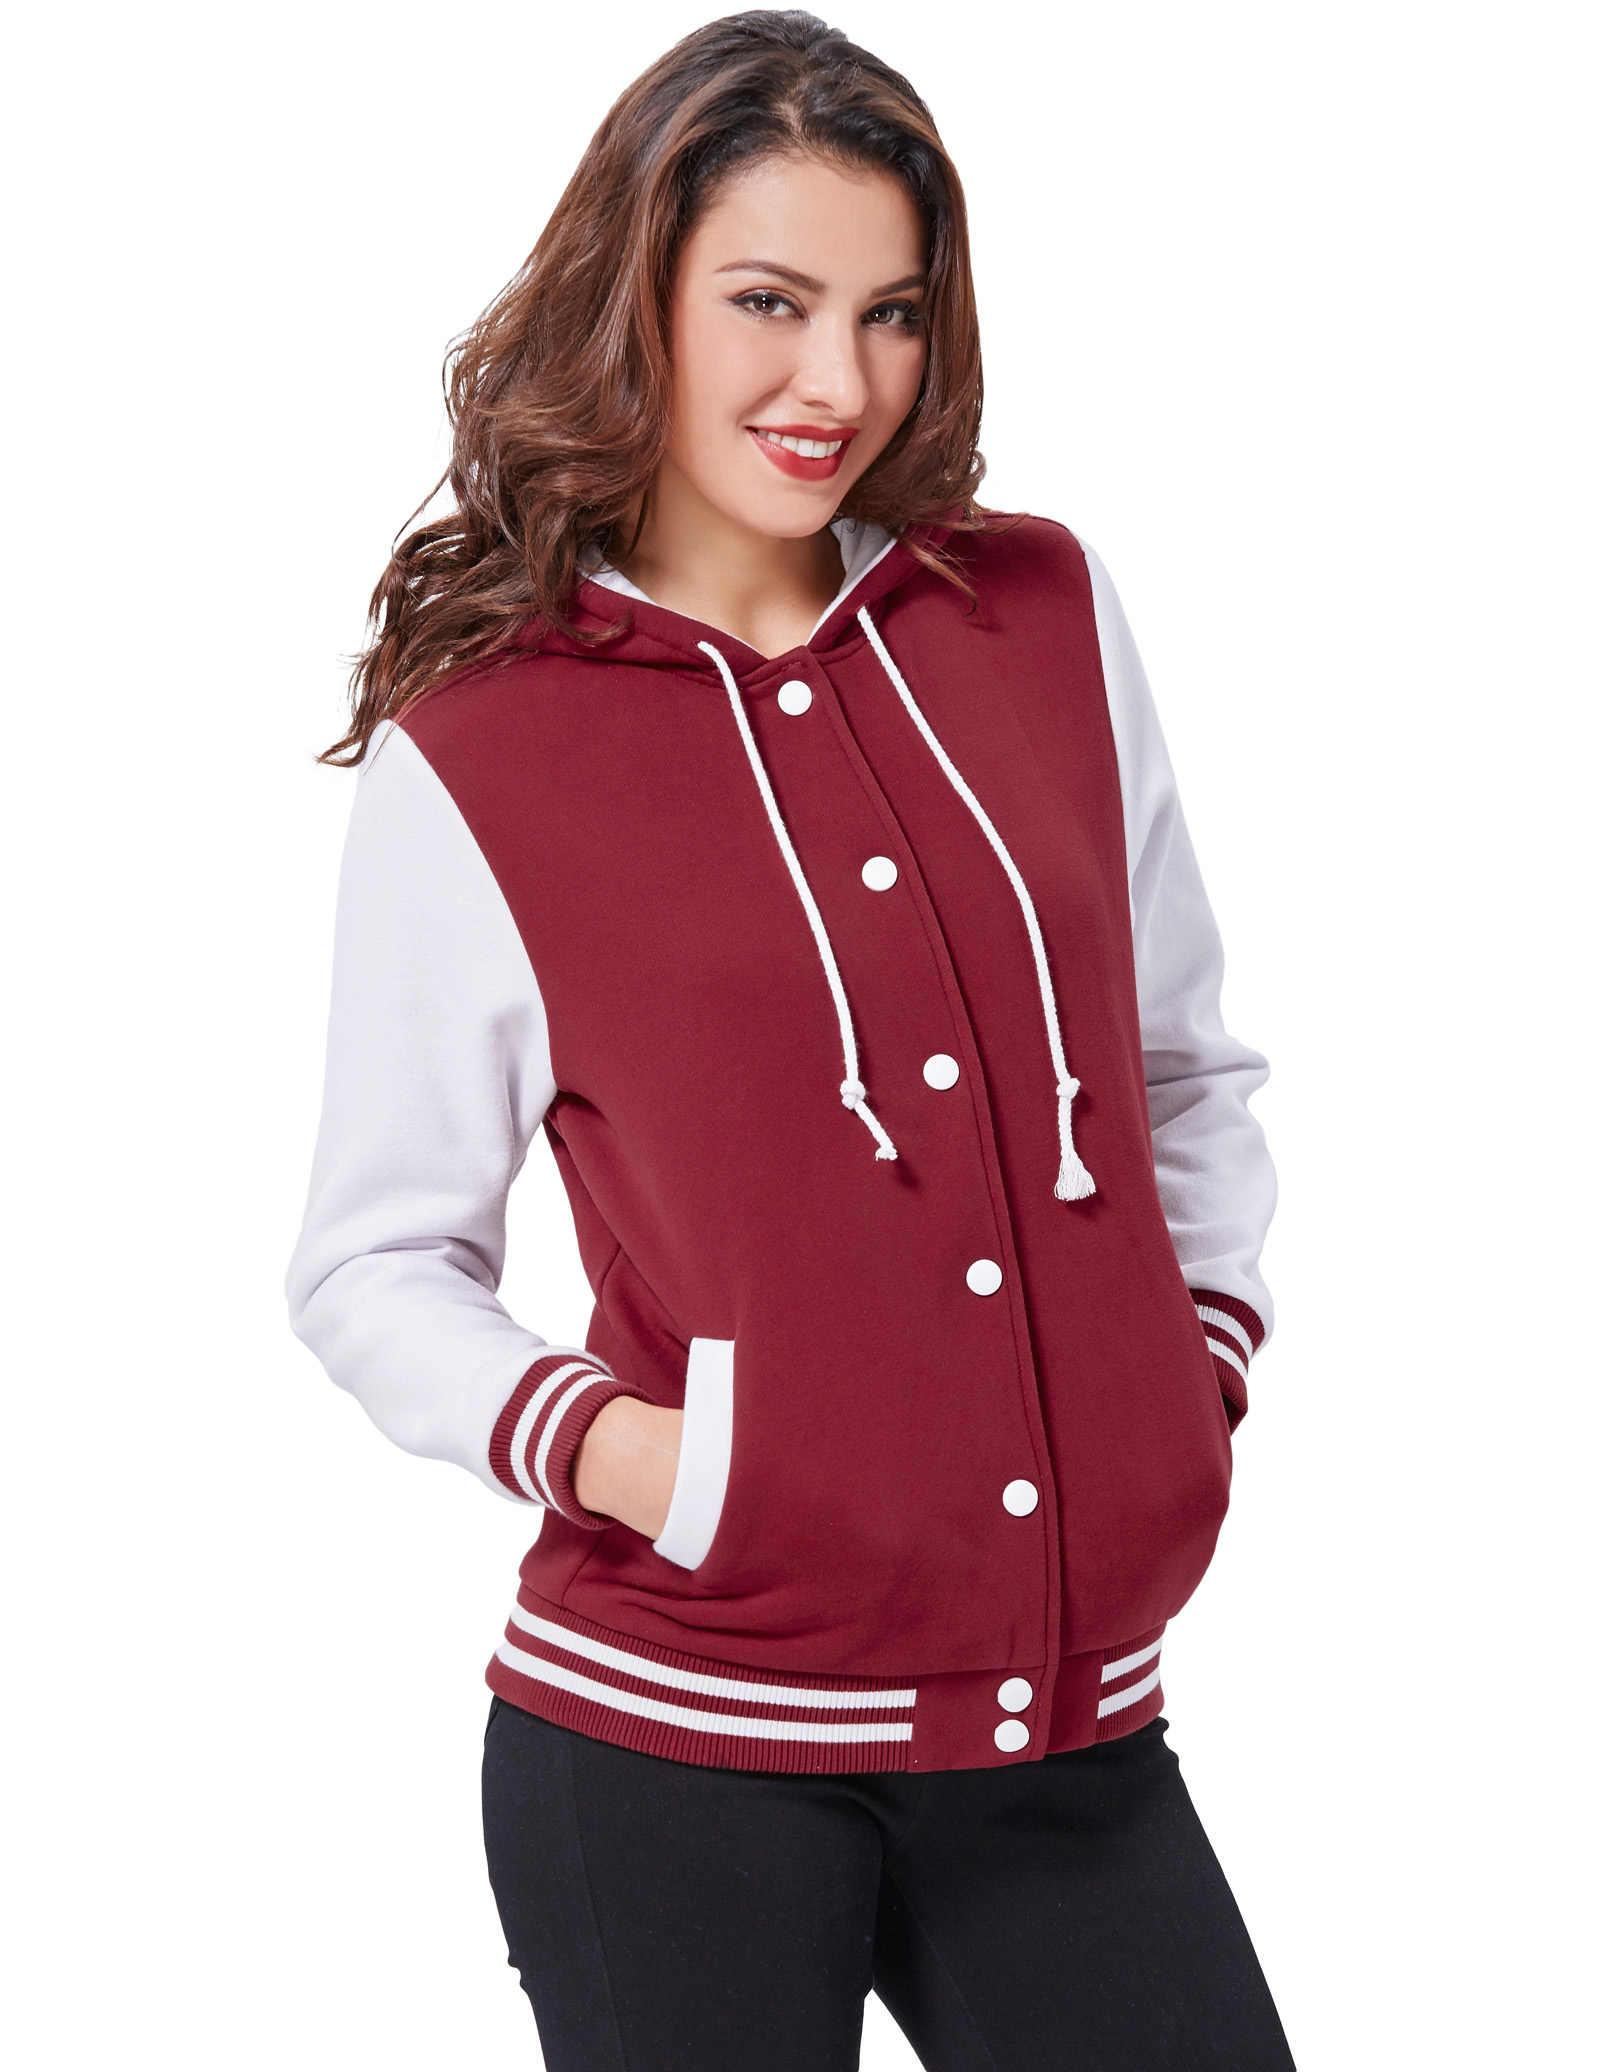 c704f67ef0be Новый Для женщин Тонкий с капюшоном Бейсбол пальто школы Куртка Varsity  Спортивные ...